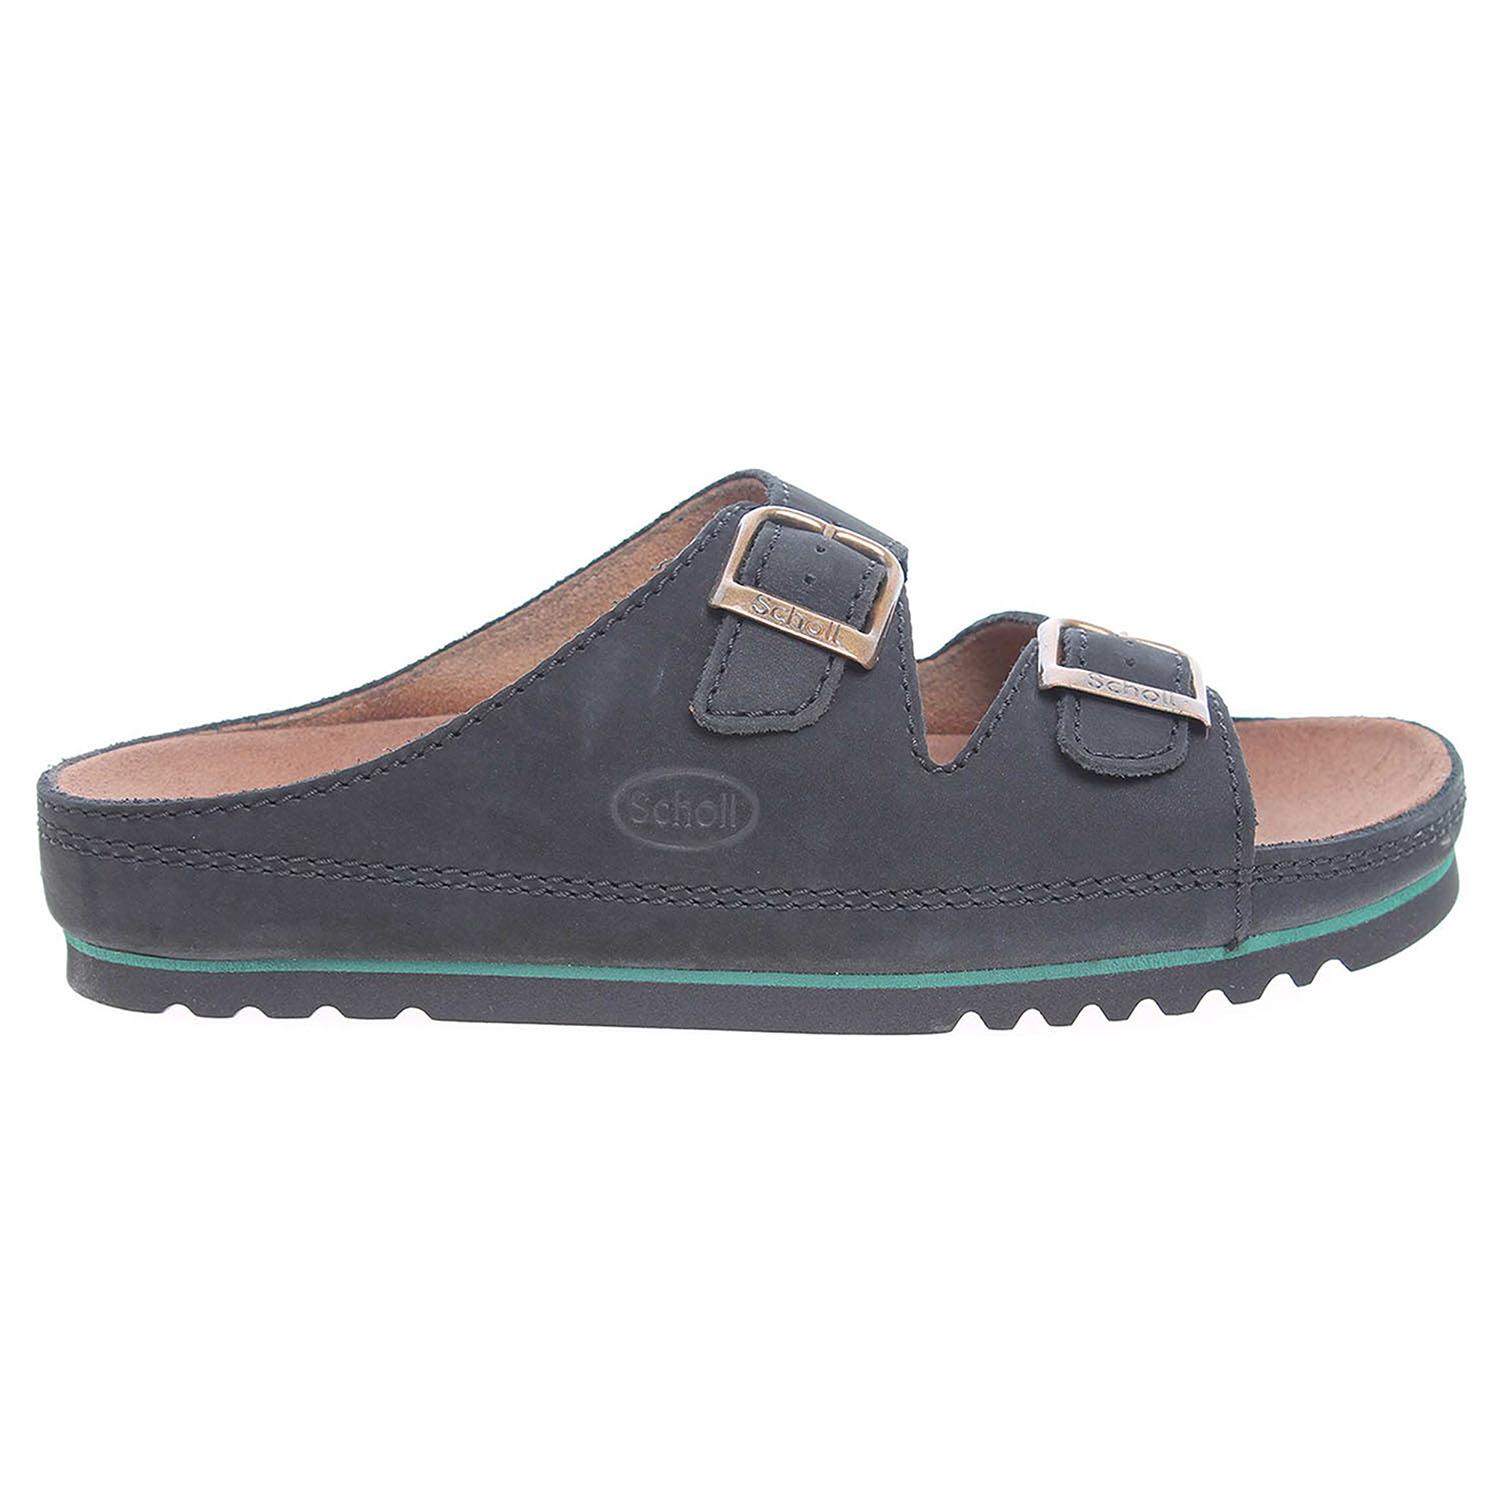 Ecco Scholl pánské pantofle F21531 1004 Air Bag black 24800255